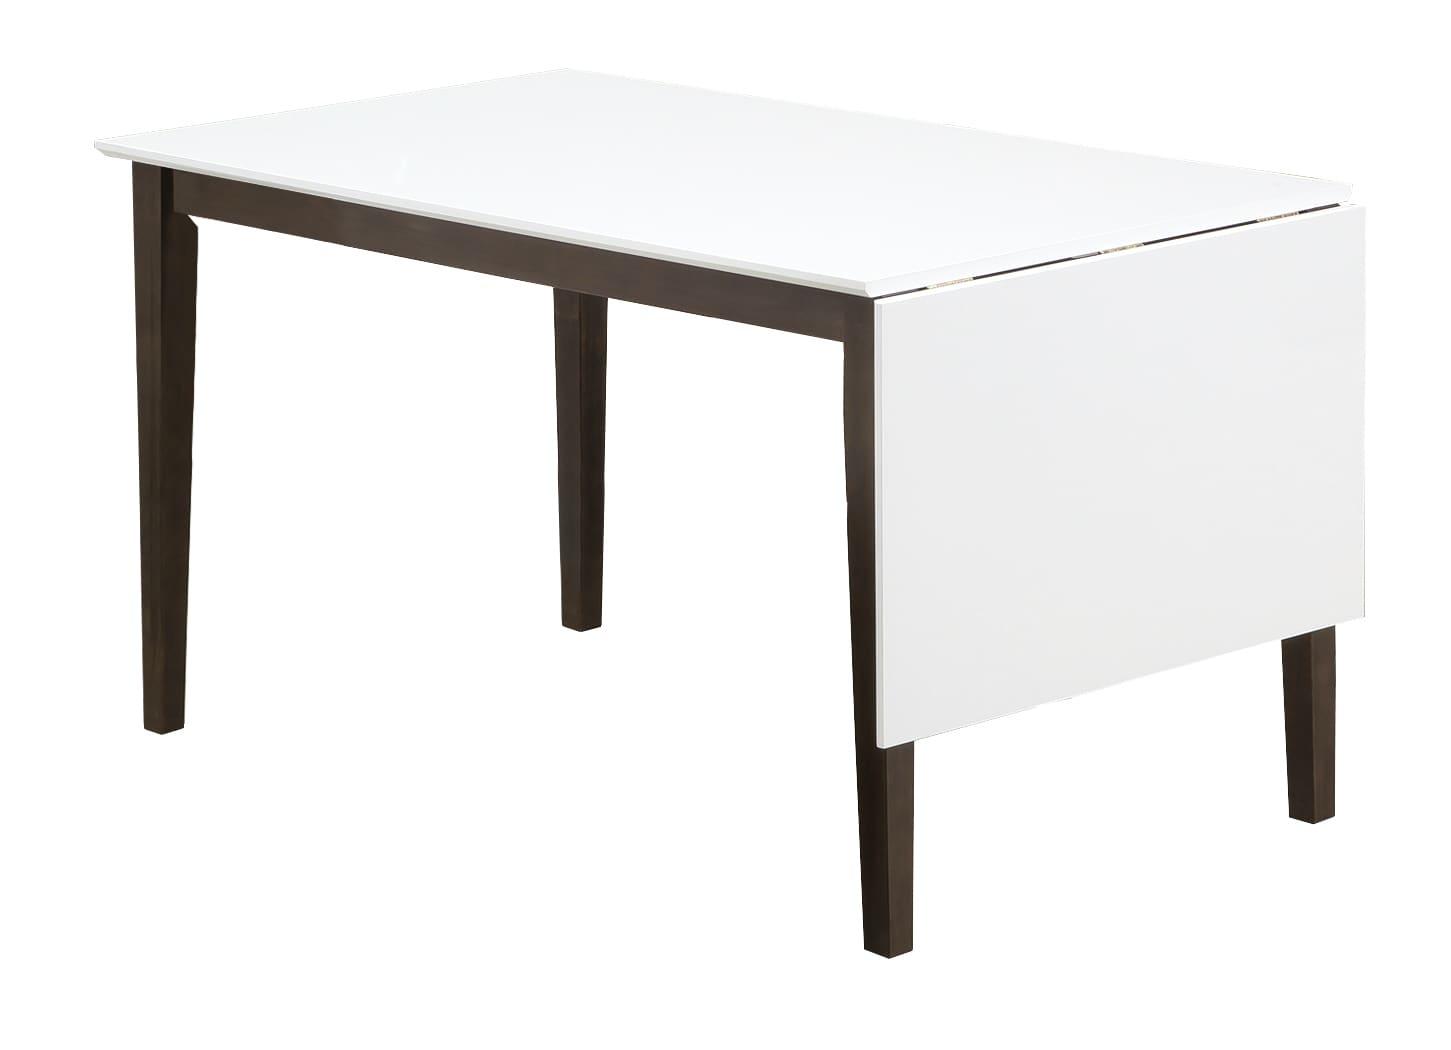 ダイニングテーブル トーレ 120EX WH天板  WH/BR:超コンパクトなダイニングセット